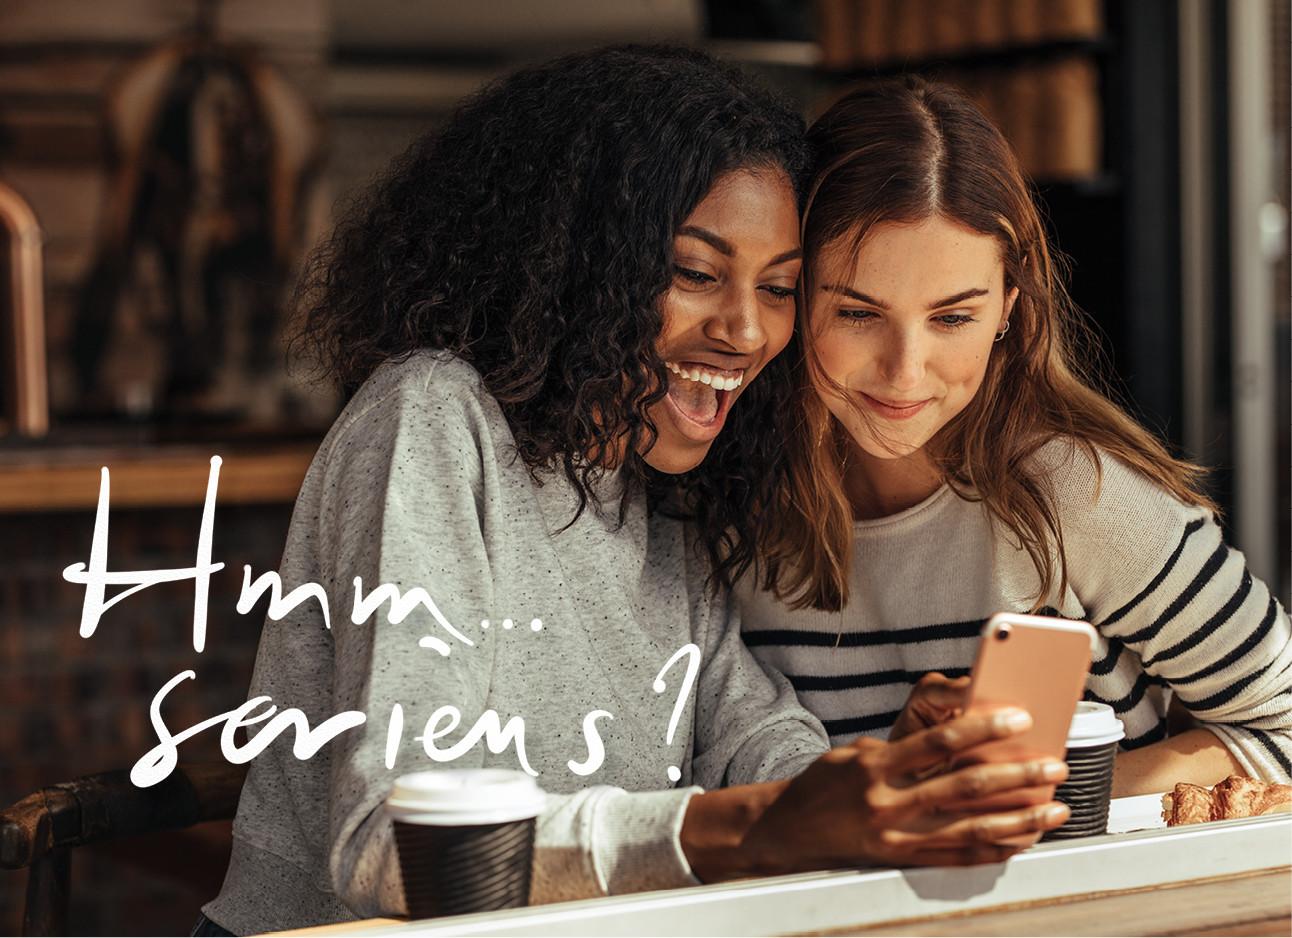 2 meiden die lachend in een cafe zitten en naar hun mobiel kijekn